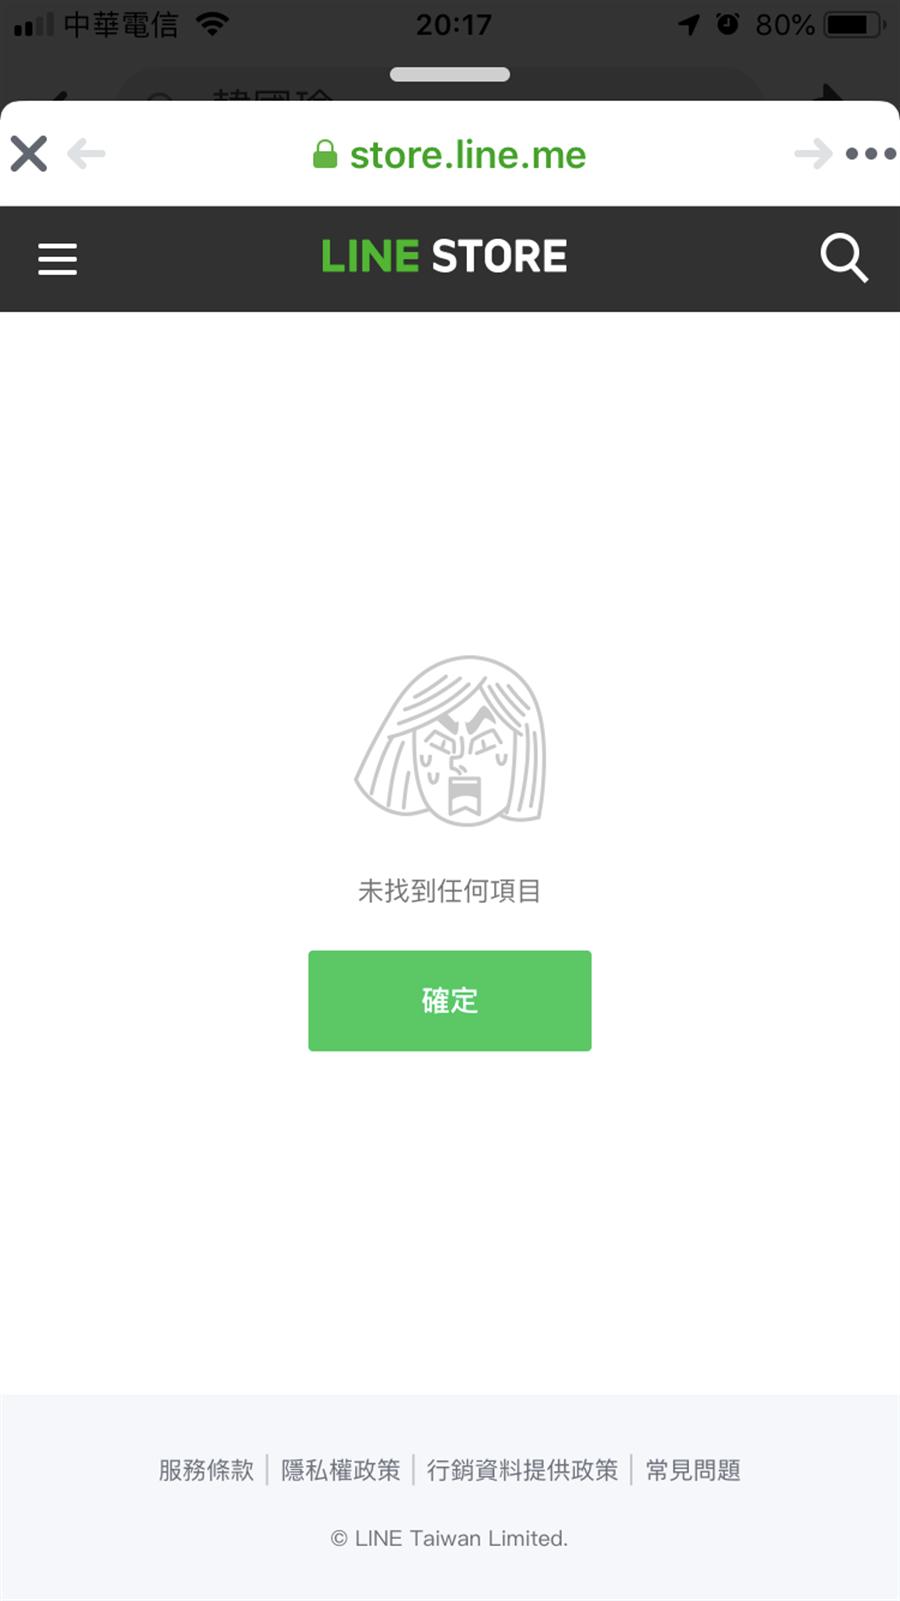 韓國瑜的全新LINE貼圖不明原因被下架。(翻攝照片/林宏聰高雄傳真)